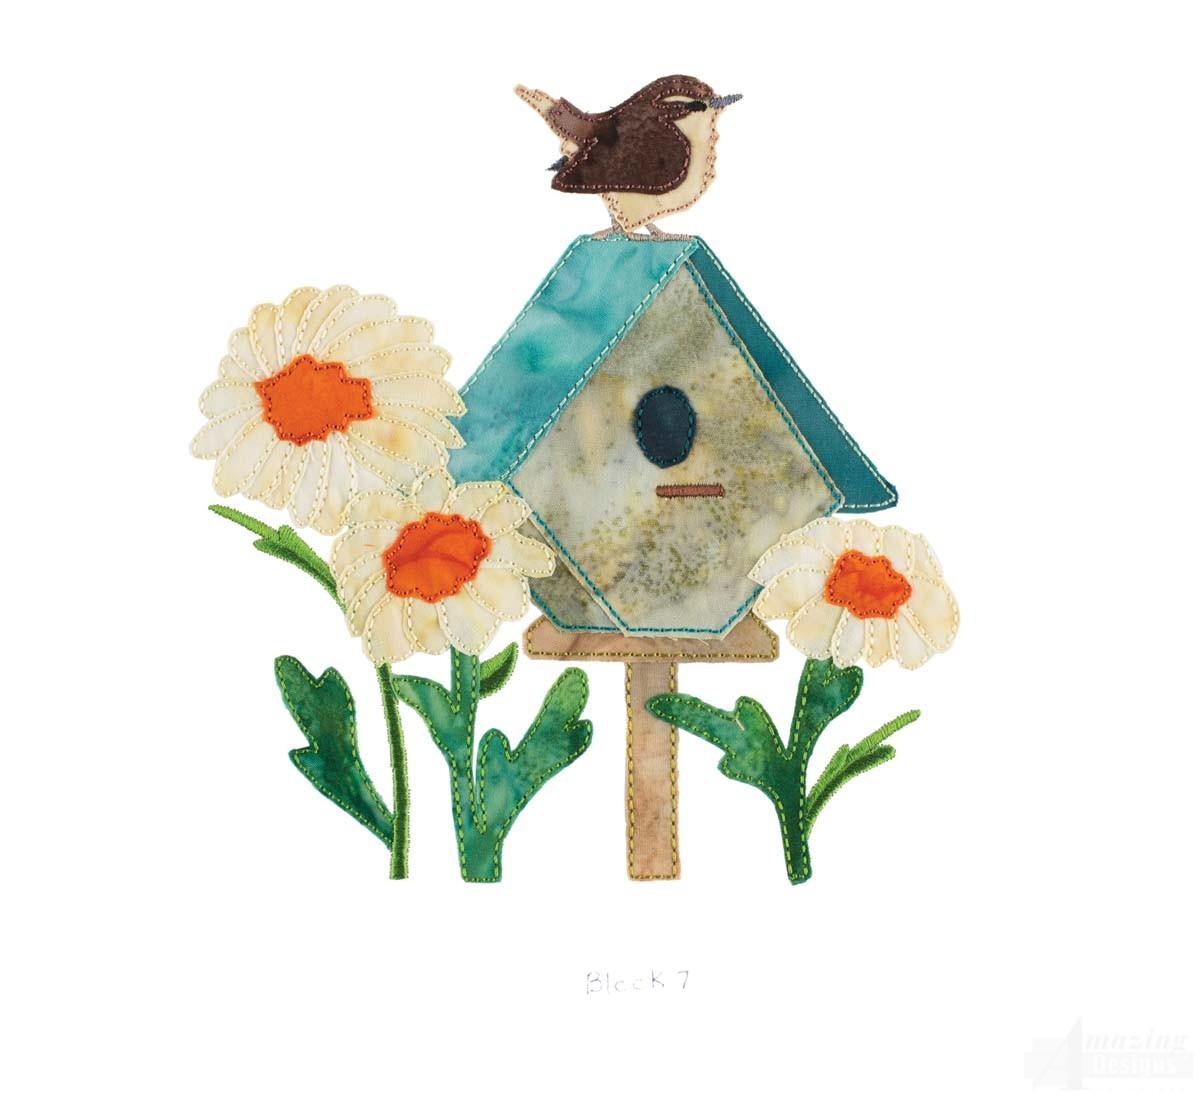 McKenna Ryans Home Tweet Home Embroidery Design 7